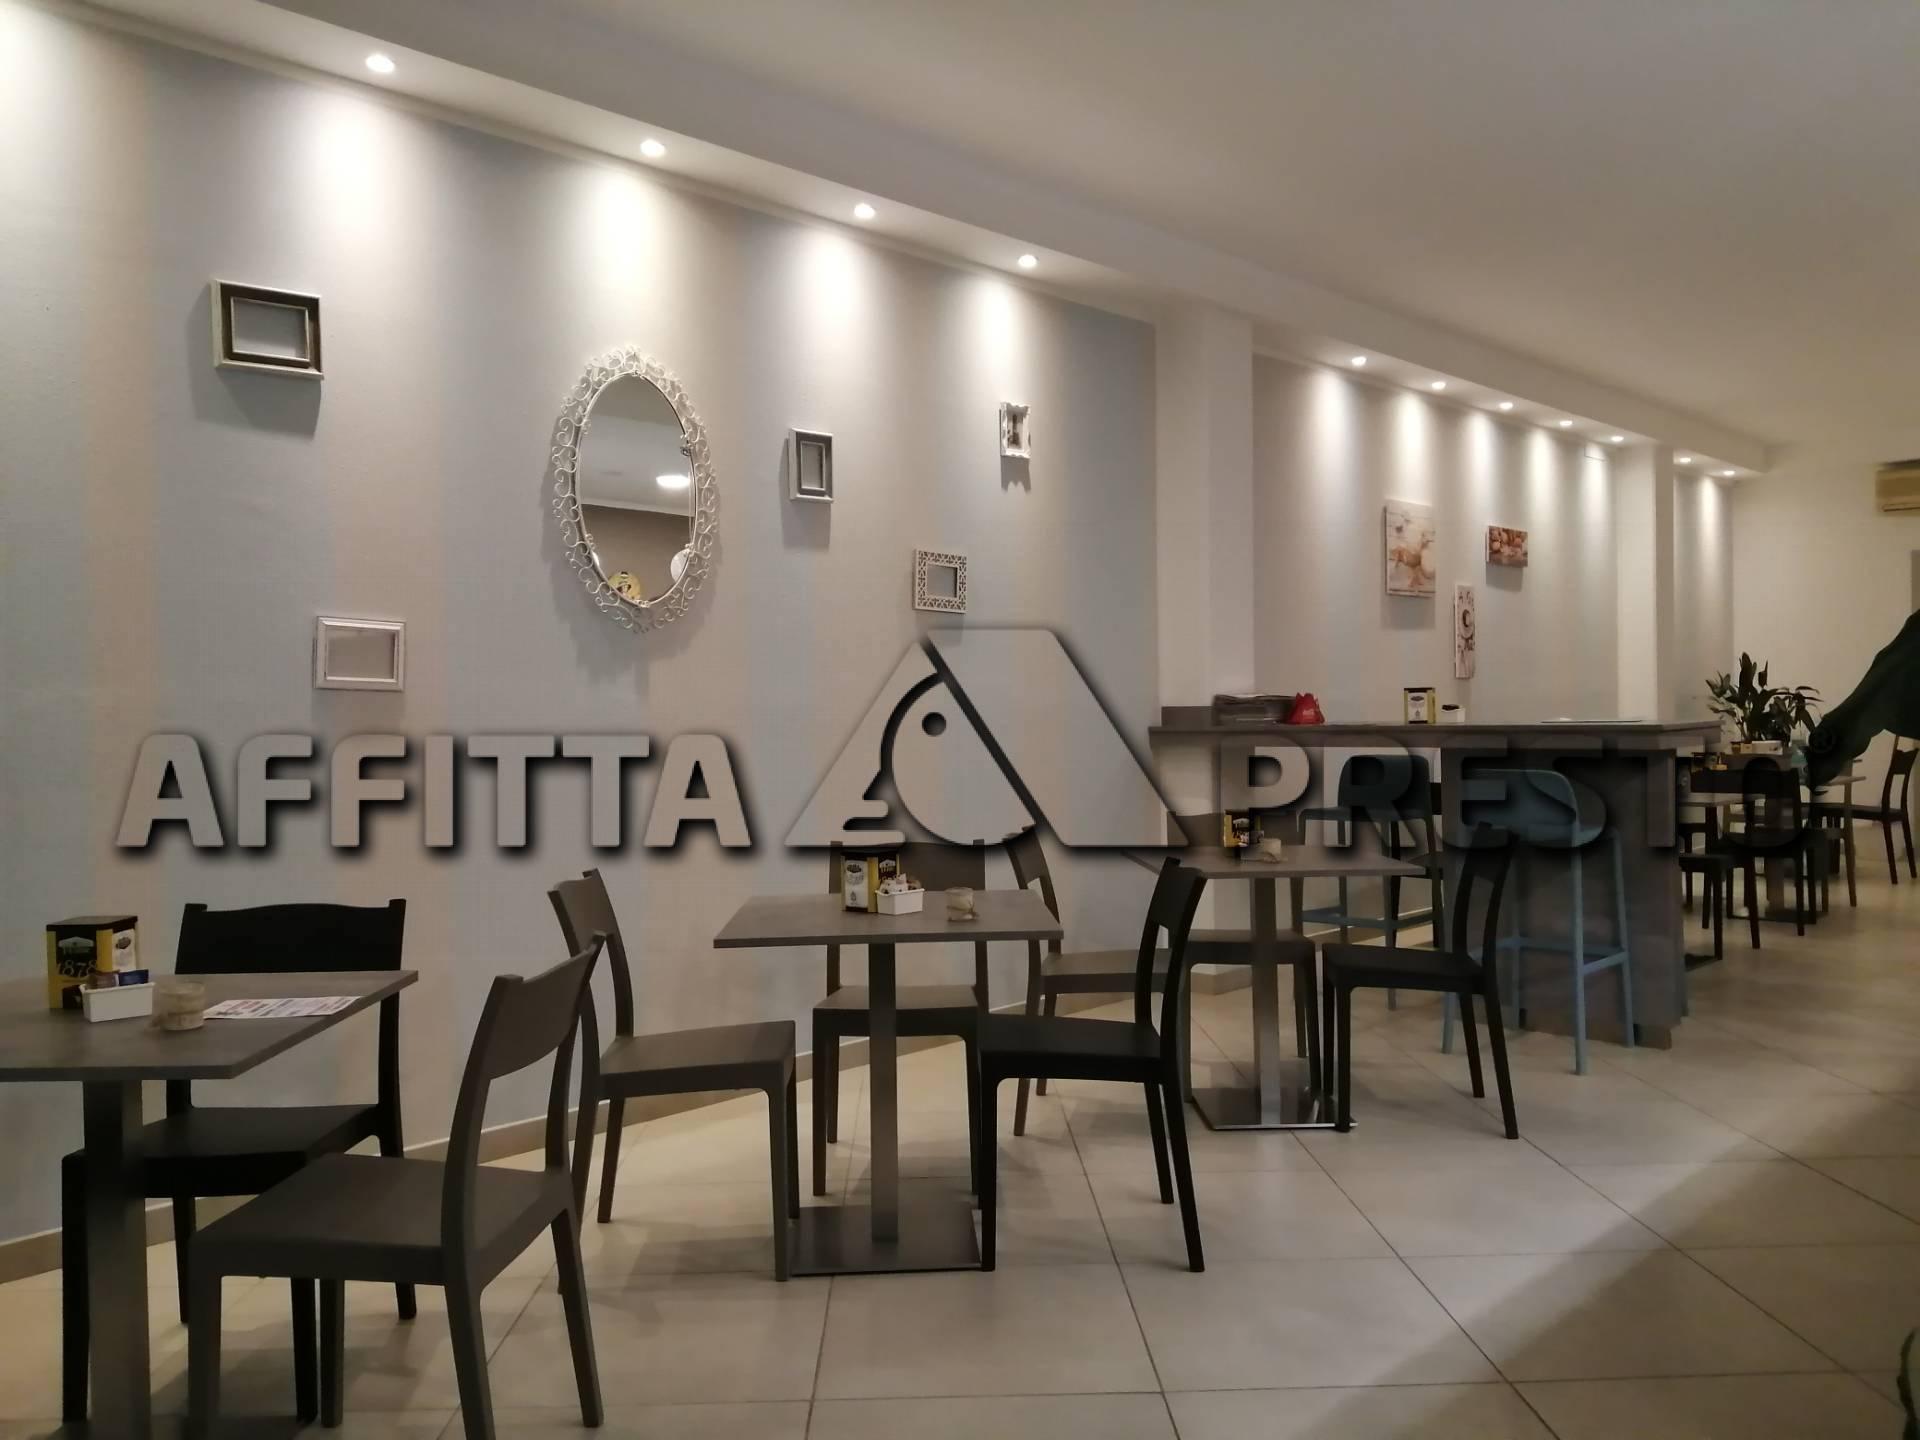 Locale comm.le/Fondo in vendita a Crespina Lorenzana (PI)